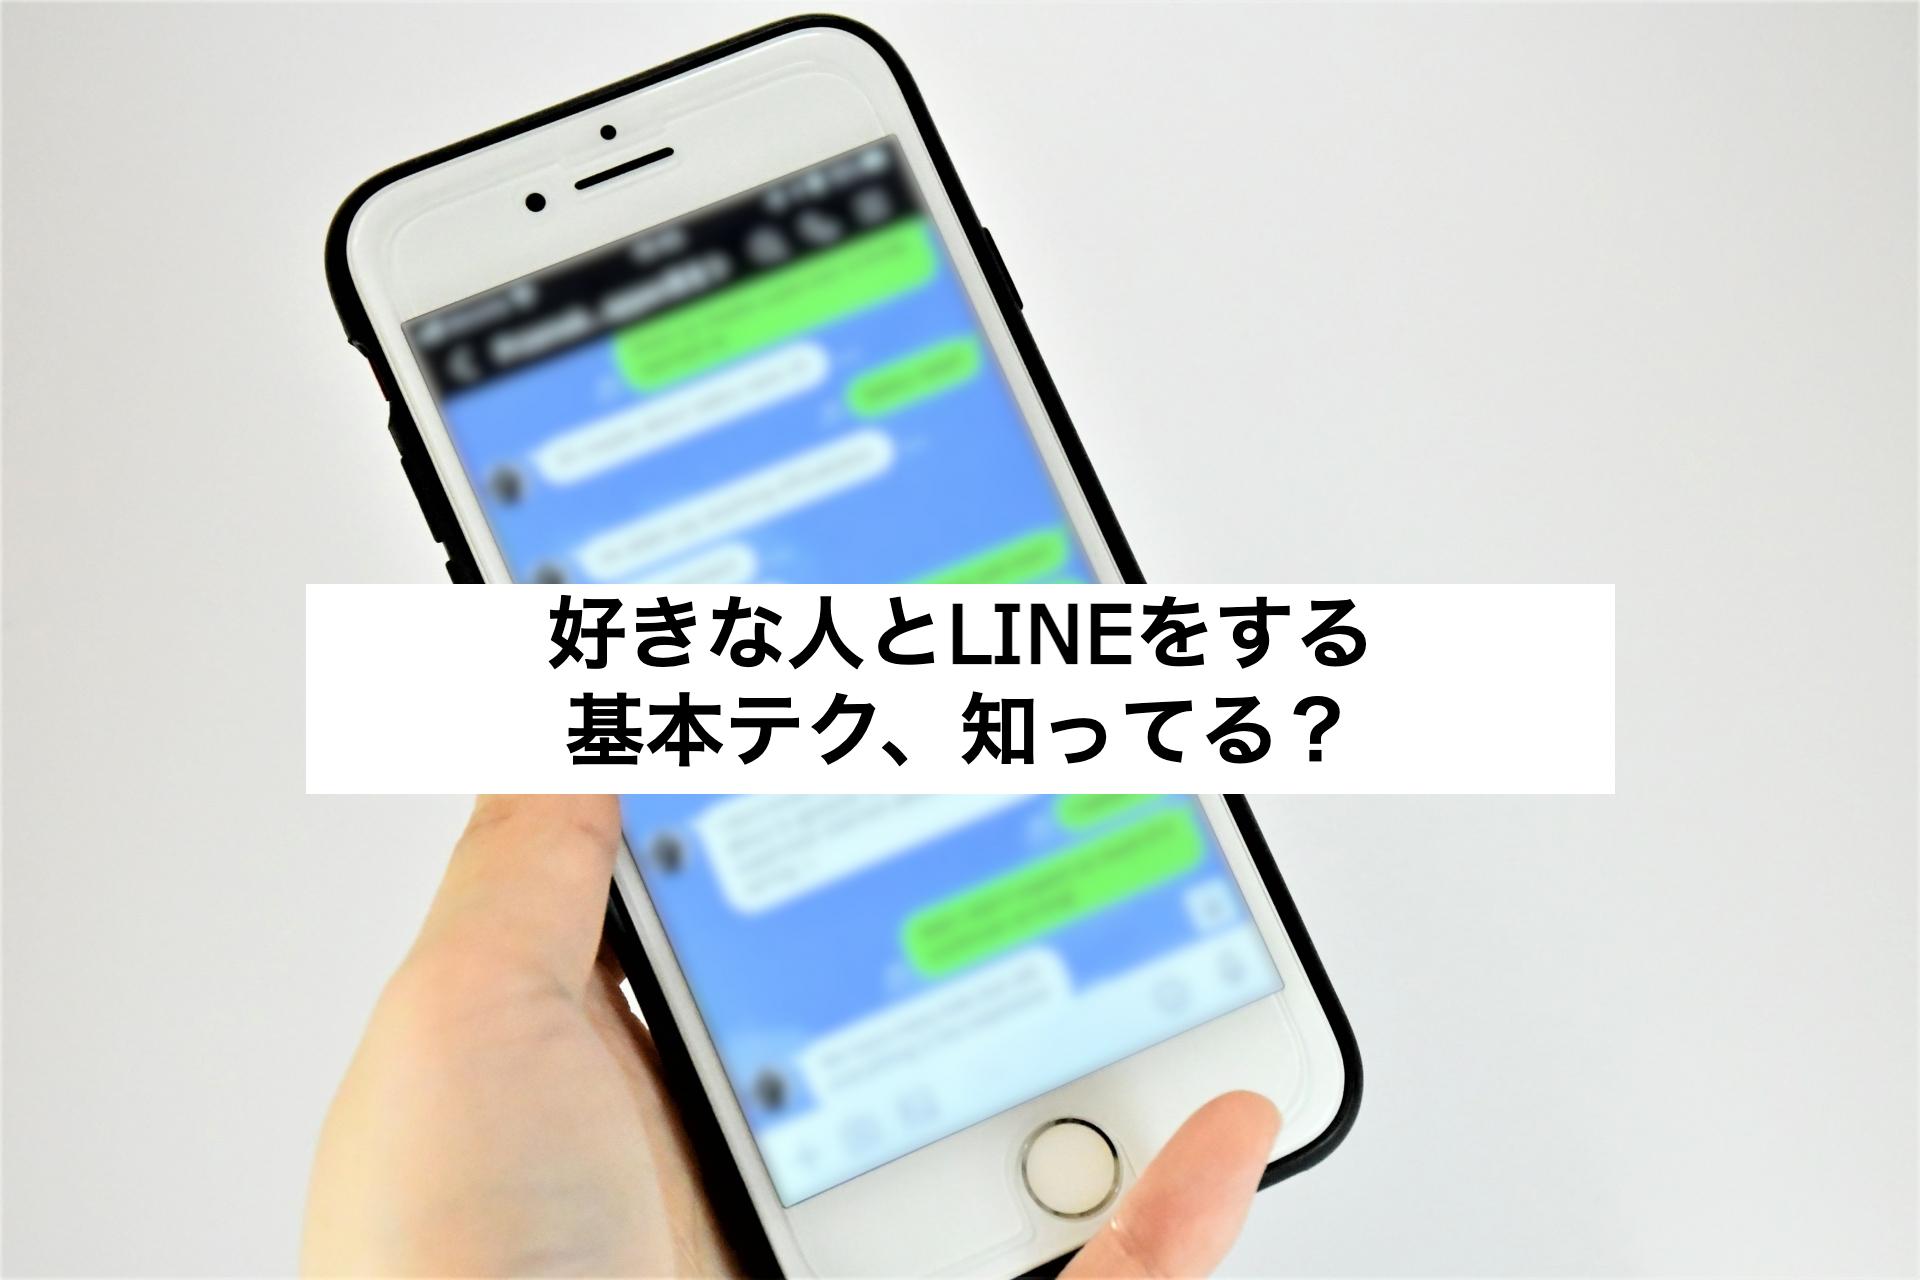 好きな人とLINEをする基本テクを知ってる?始めるきっかけや長続きのコツを紹介